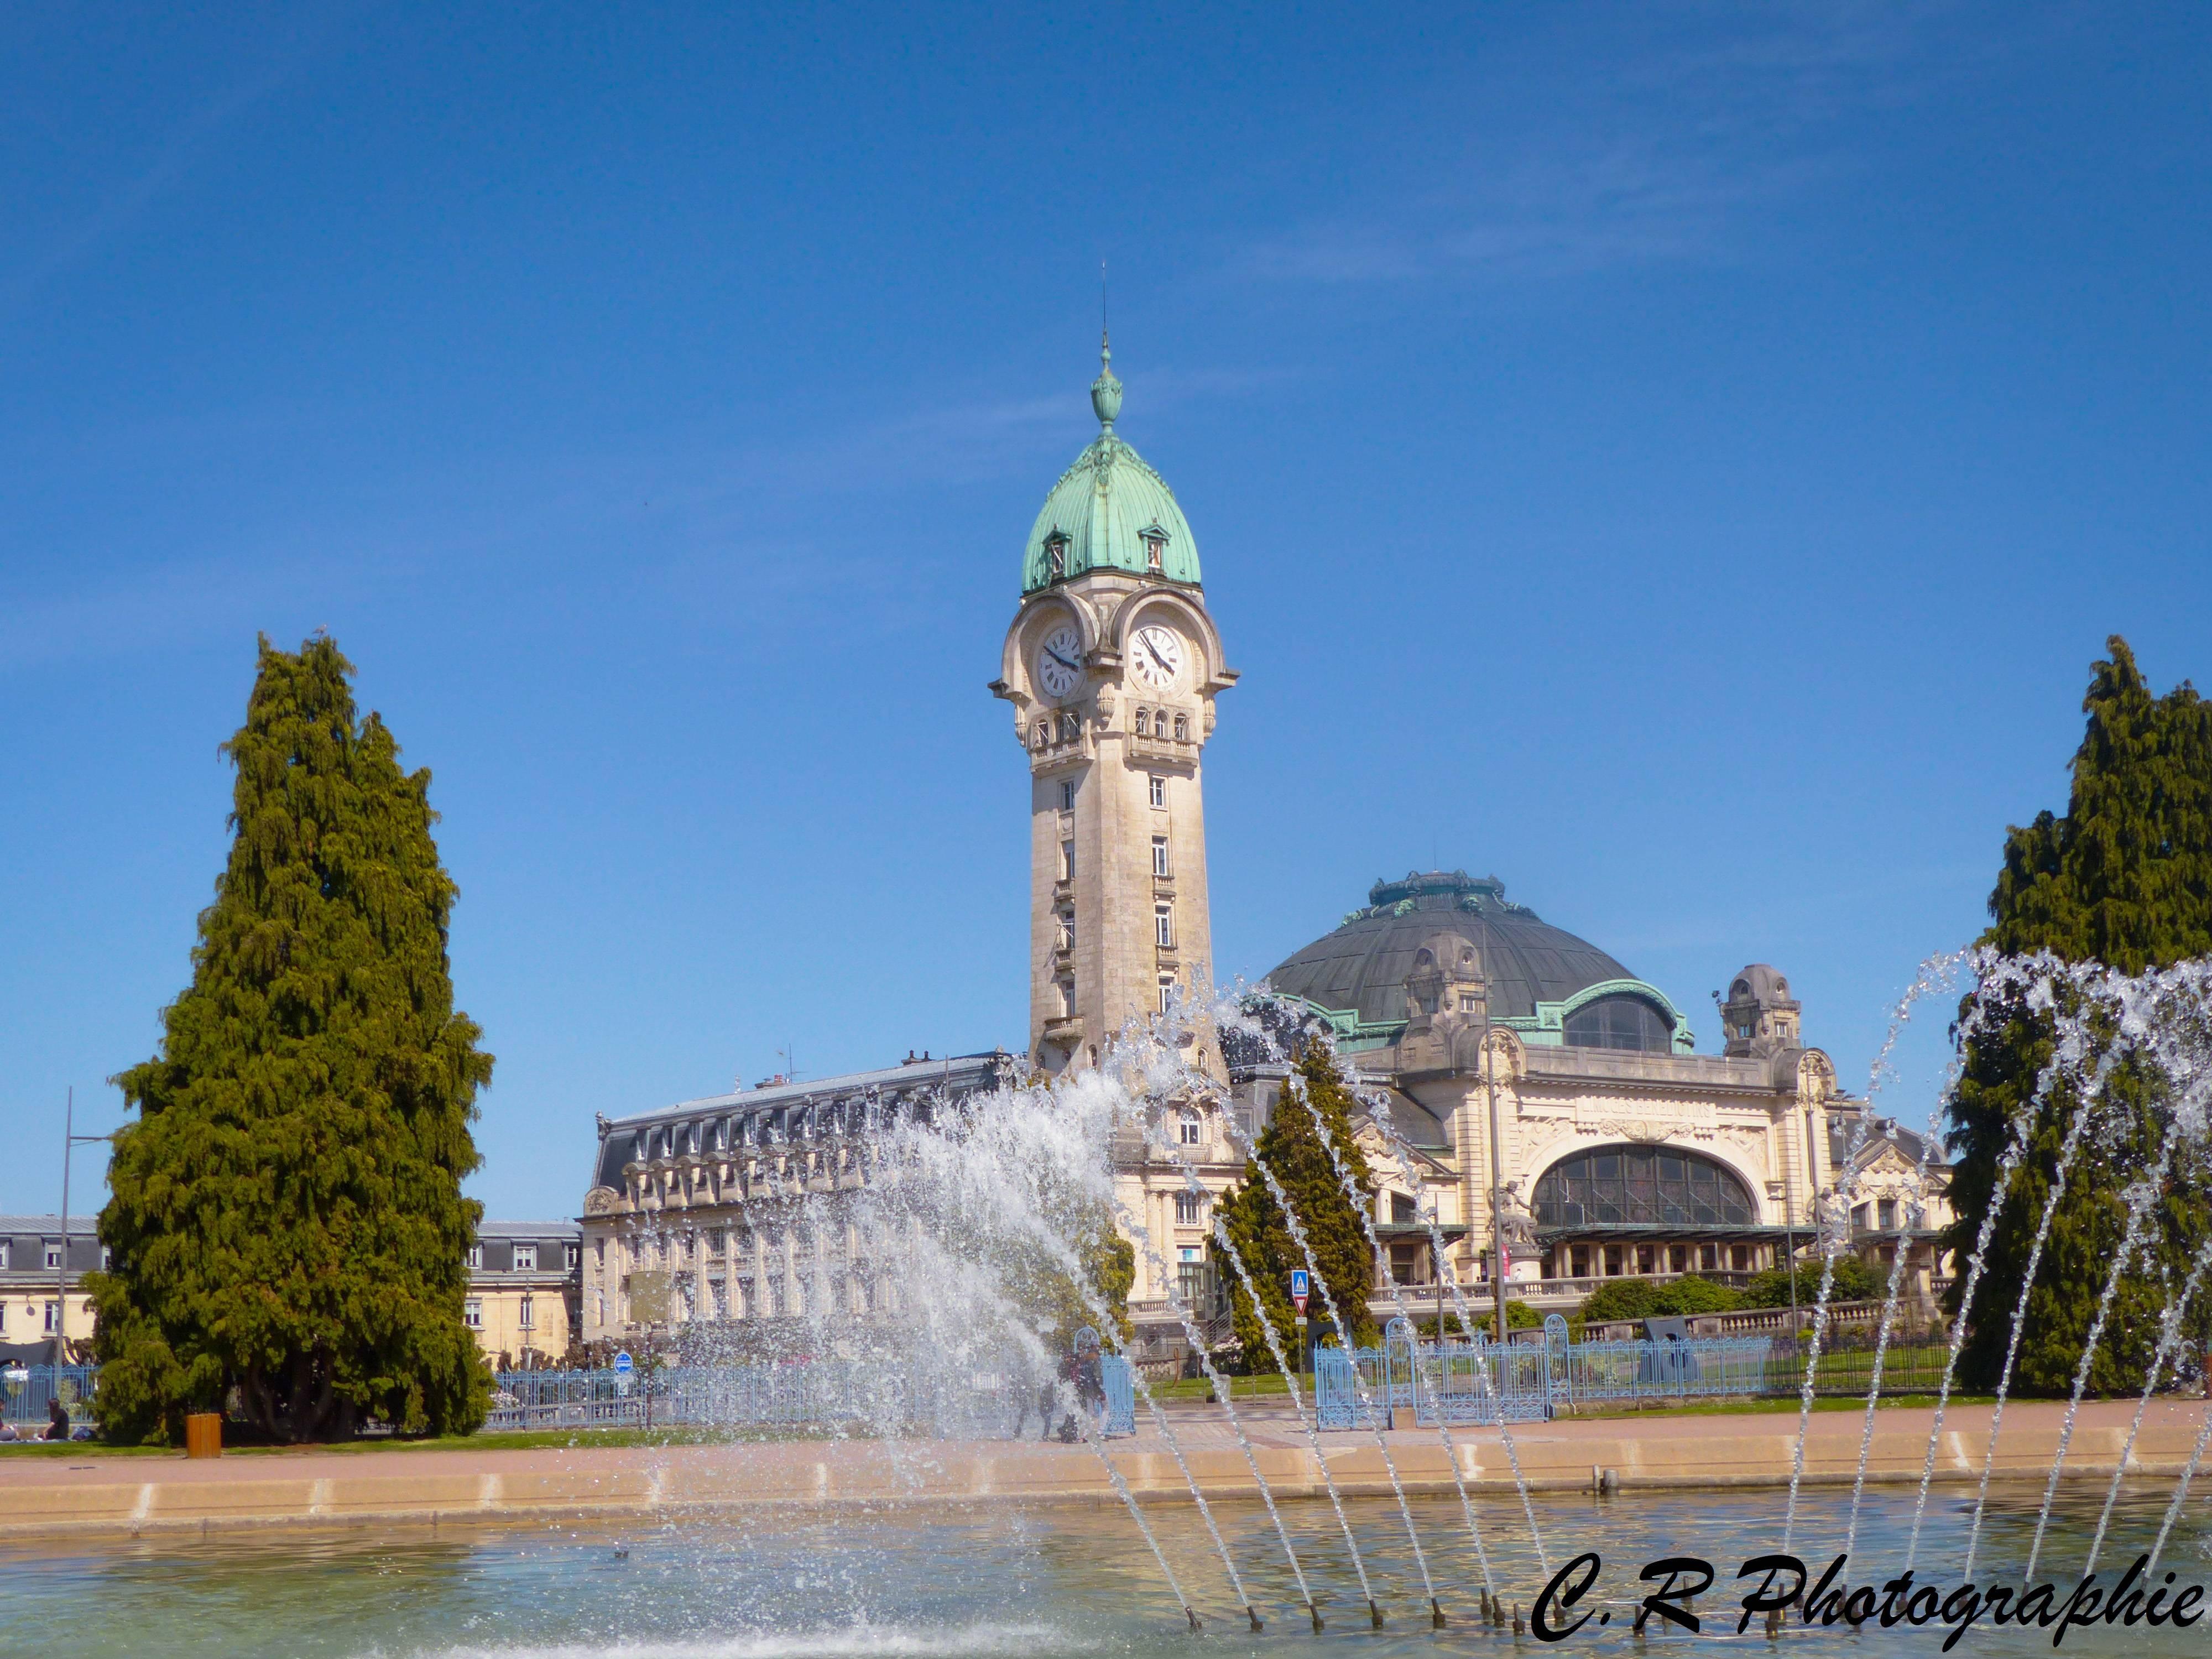 Photo 1: Gare Limoges-Bénédictins, de toute beauté